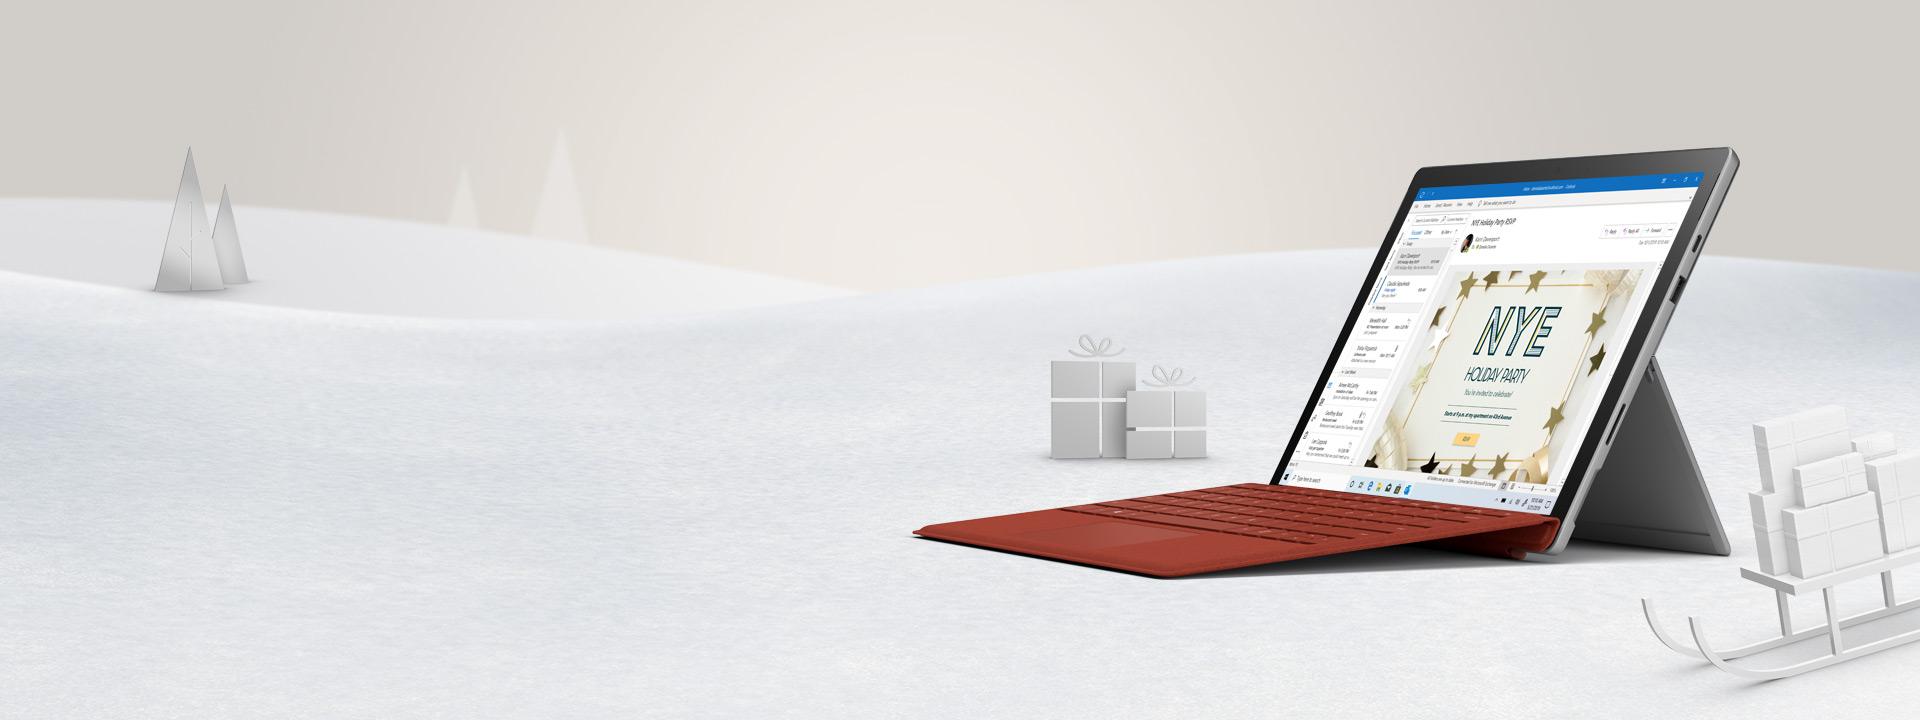 Crea possibilità con un nuovo Surface Pro 7